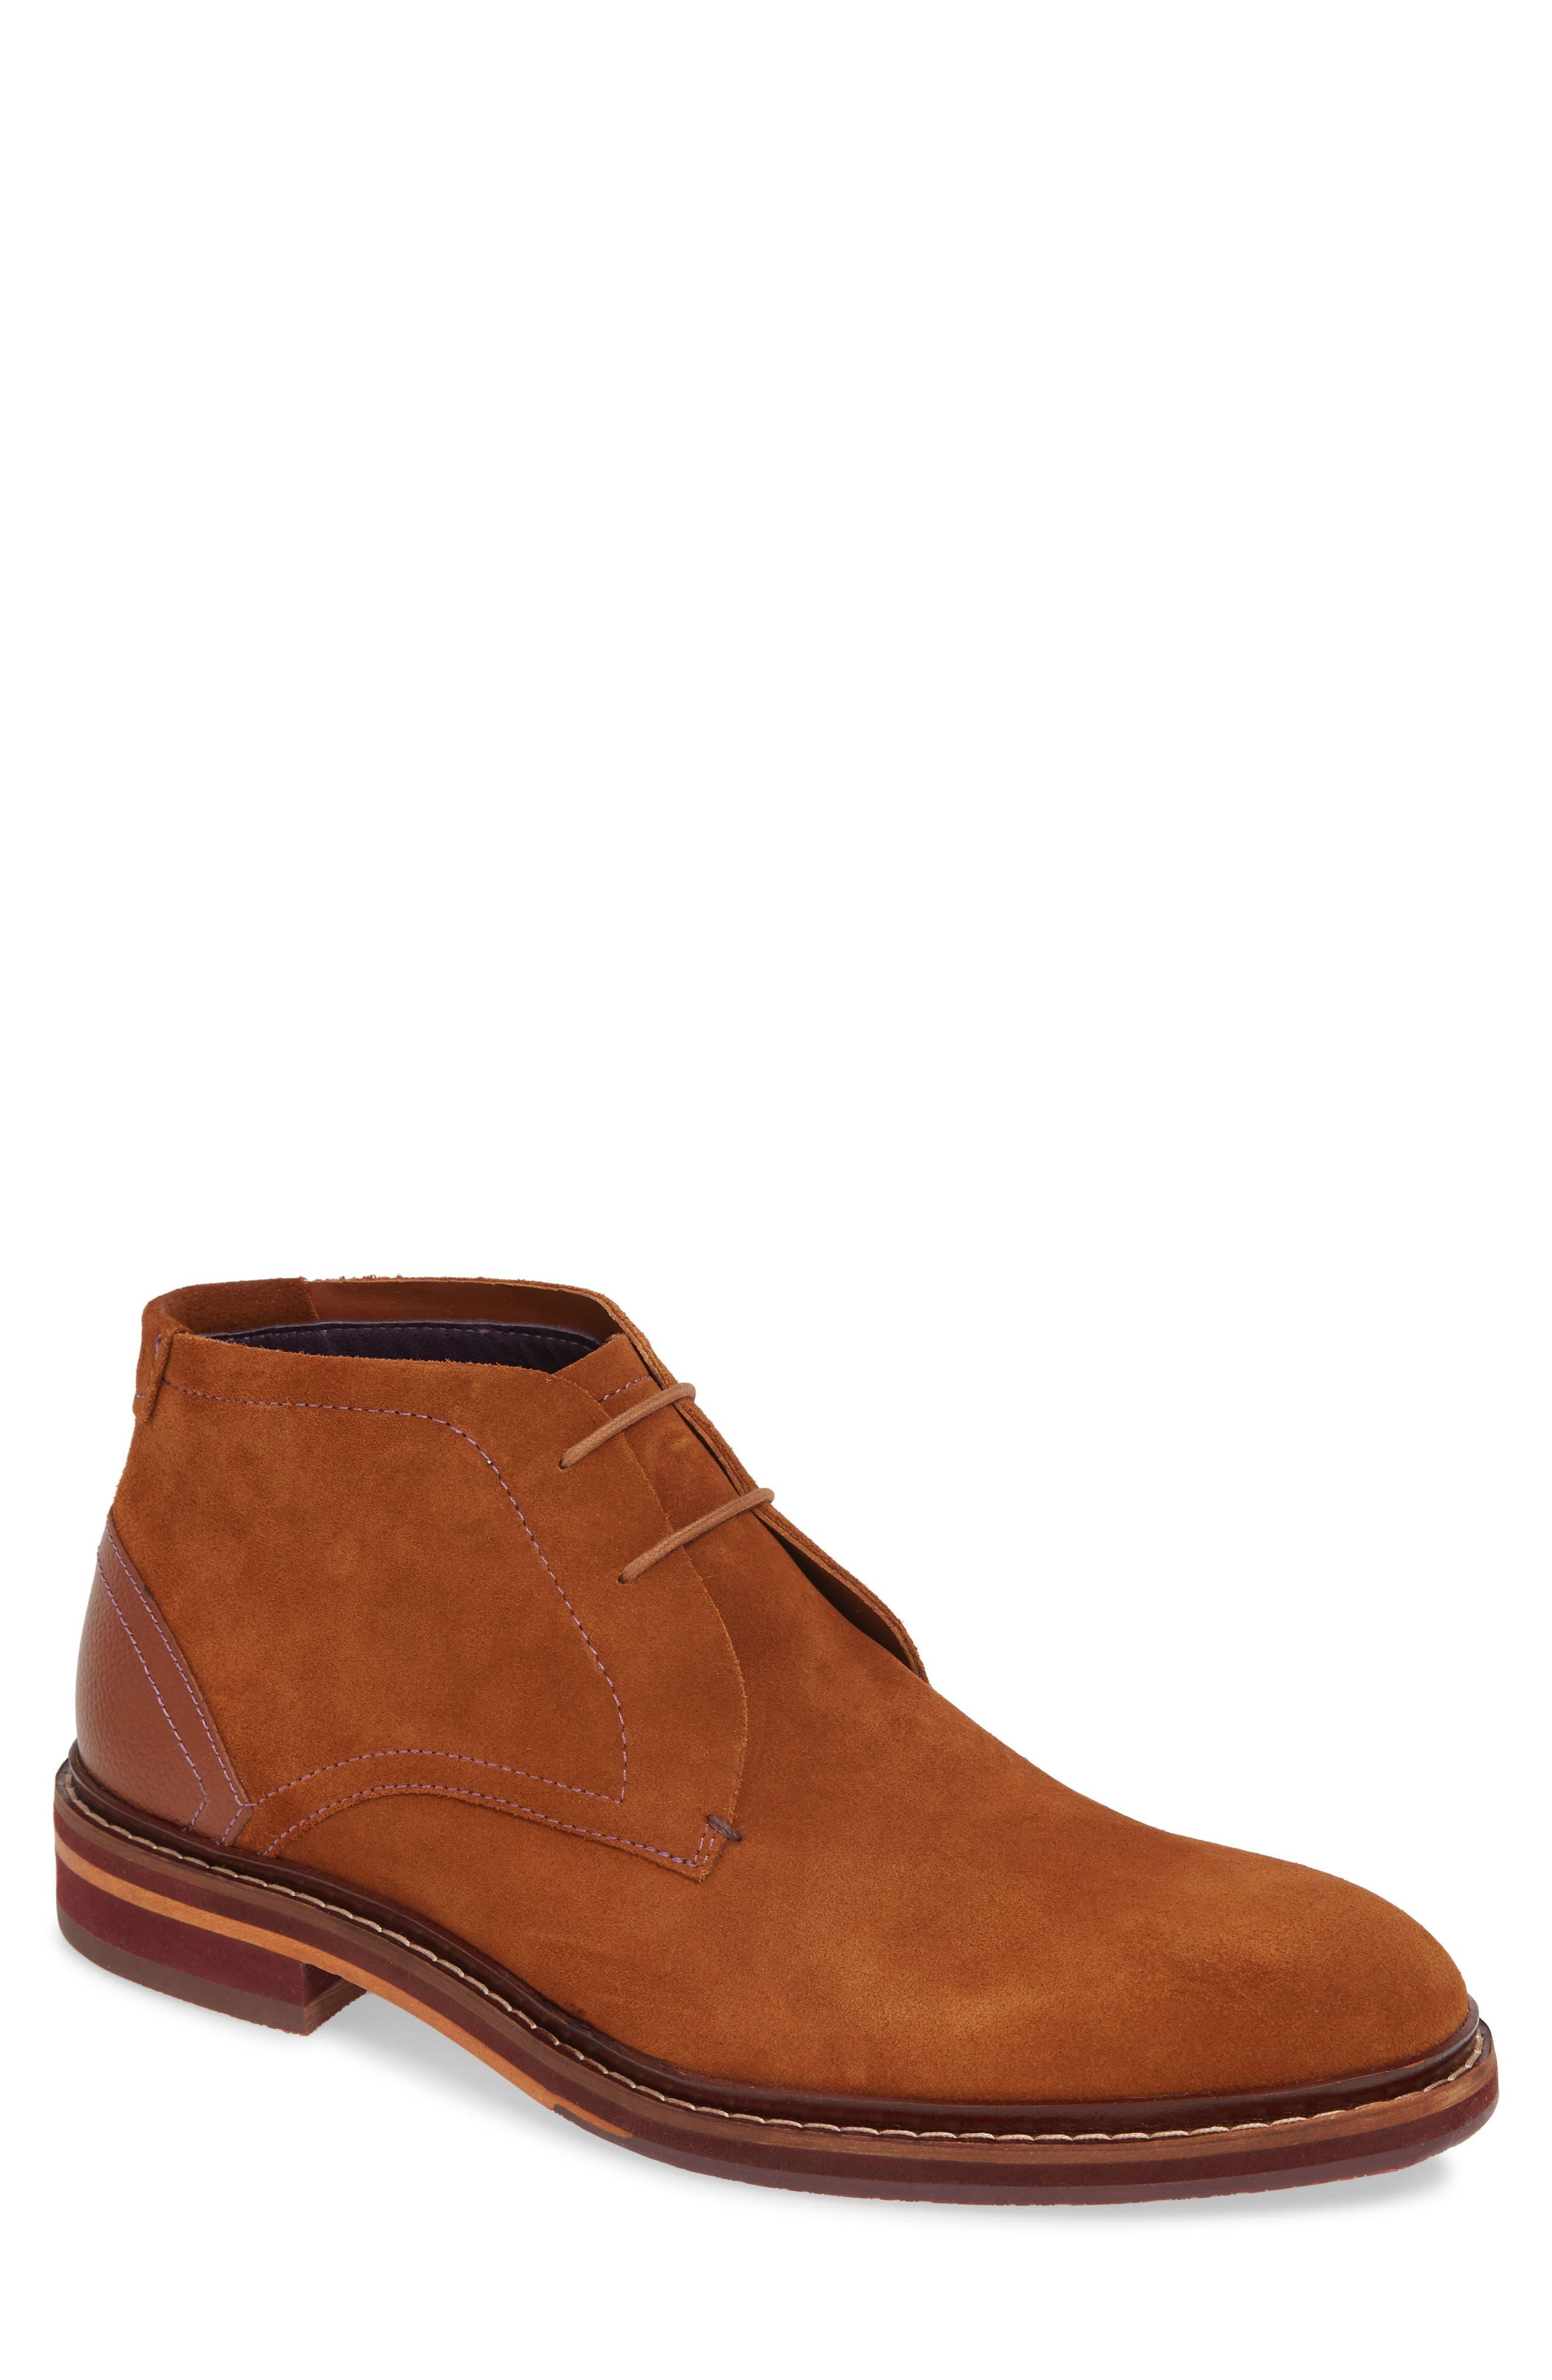 Deligh Chukka Boot, Main, color, TAN SUEDE